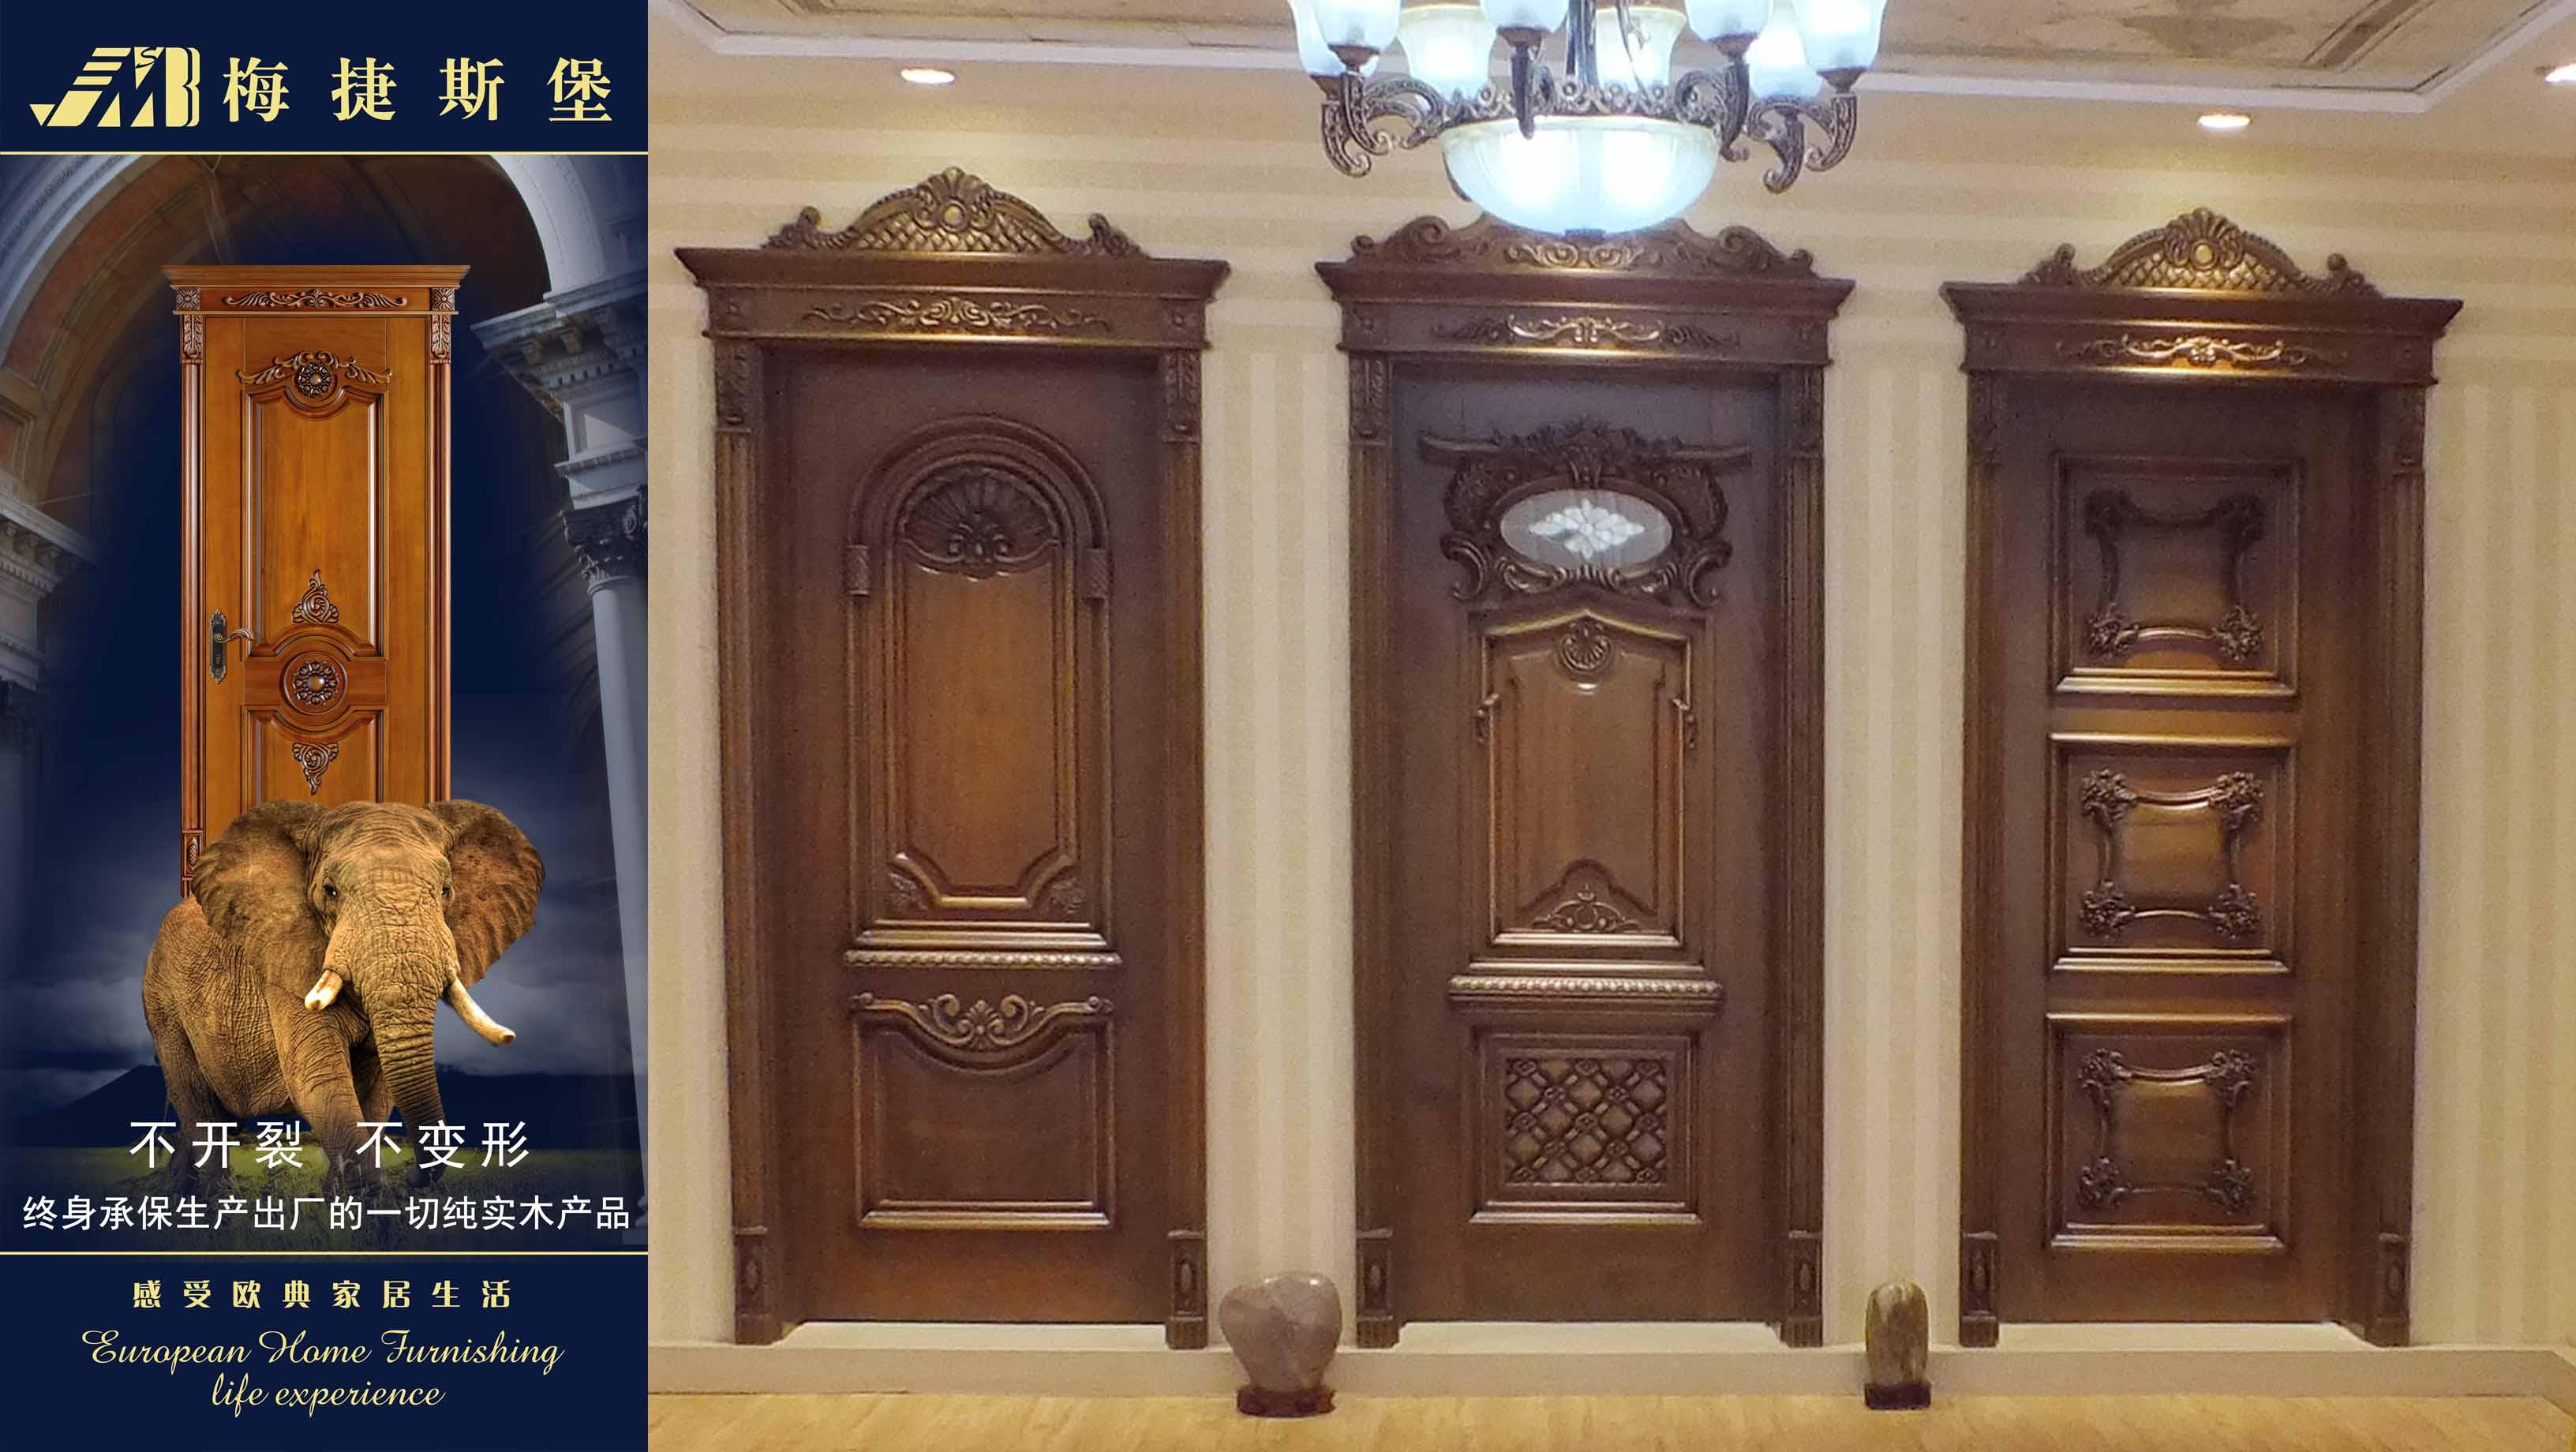 衣柜门板;推拉移门;烤漆套装门;原生态木门等